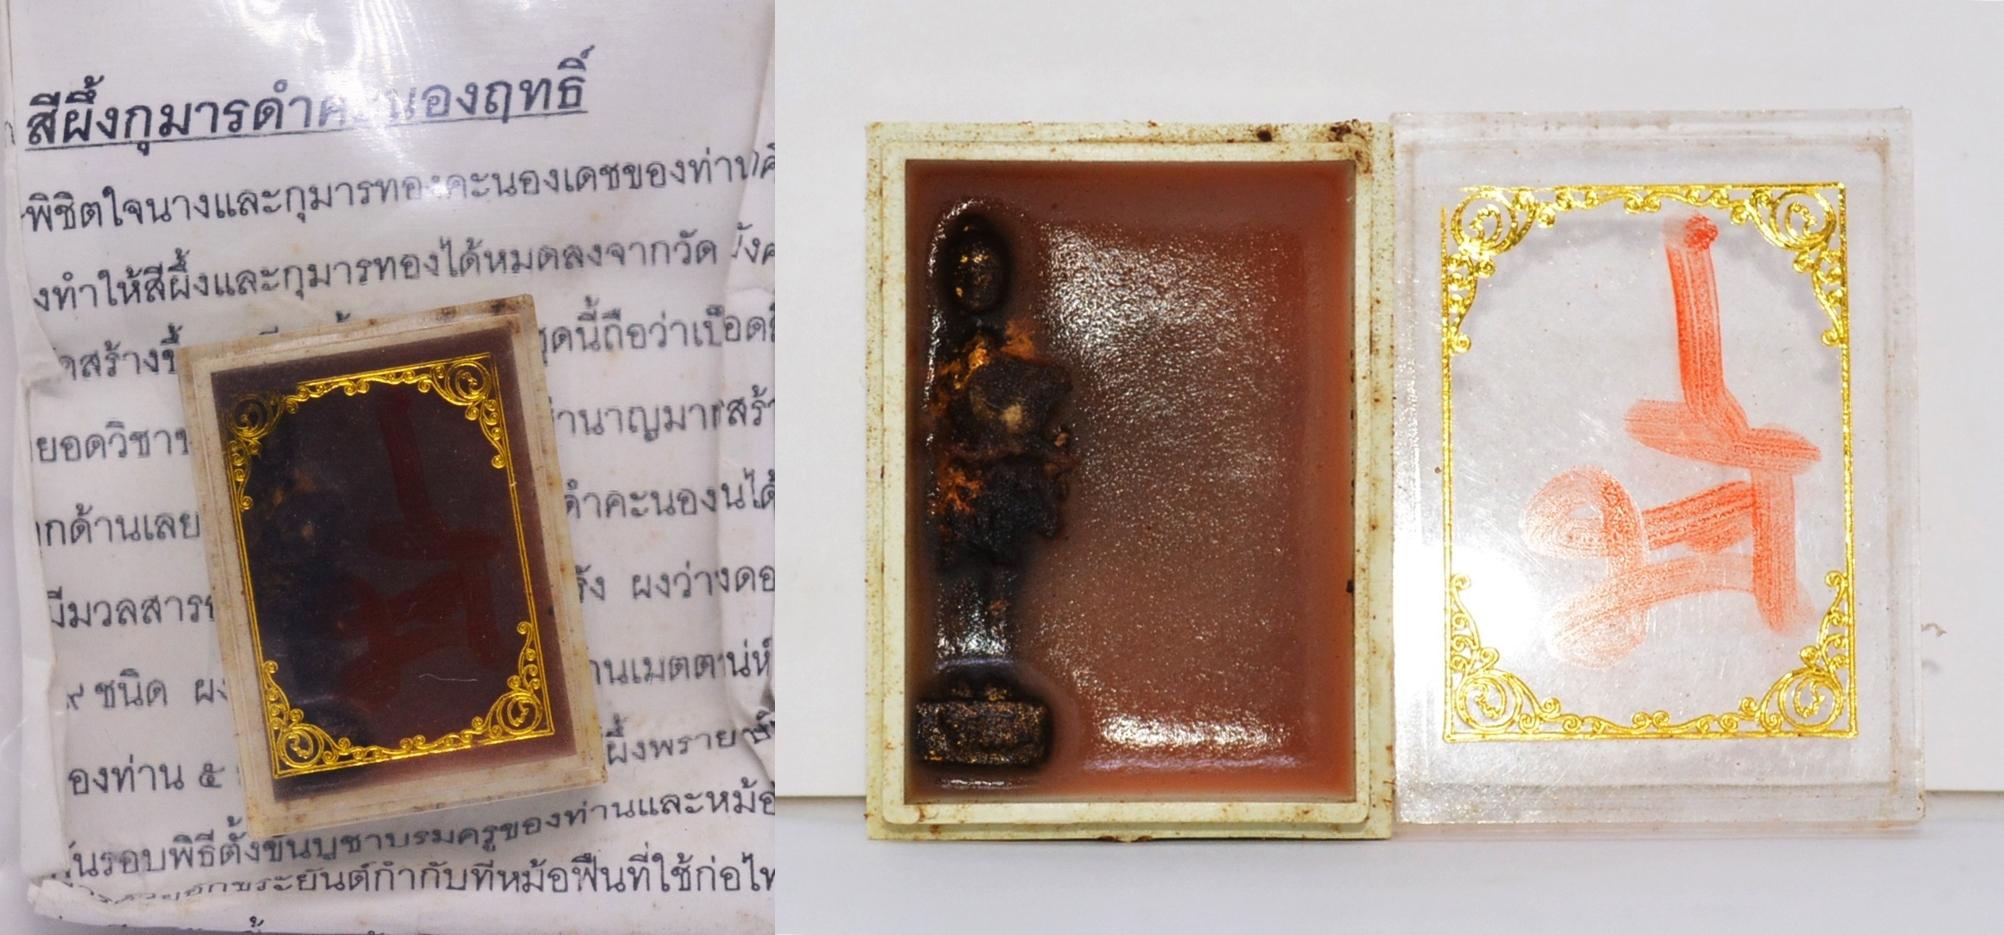 สีผึ้งกุมารดำคะนองฤทธิ์ ครูบาเดช สำนักสงฆ์ป่าช้าบ้านใหม่รัตนโกสินทร์ จ.ลำปาง 2545